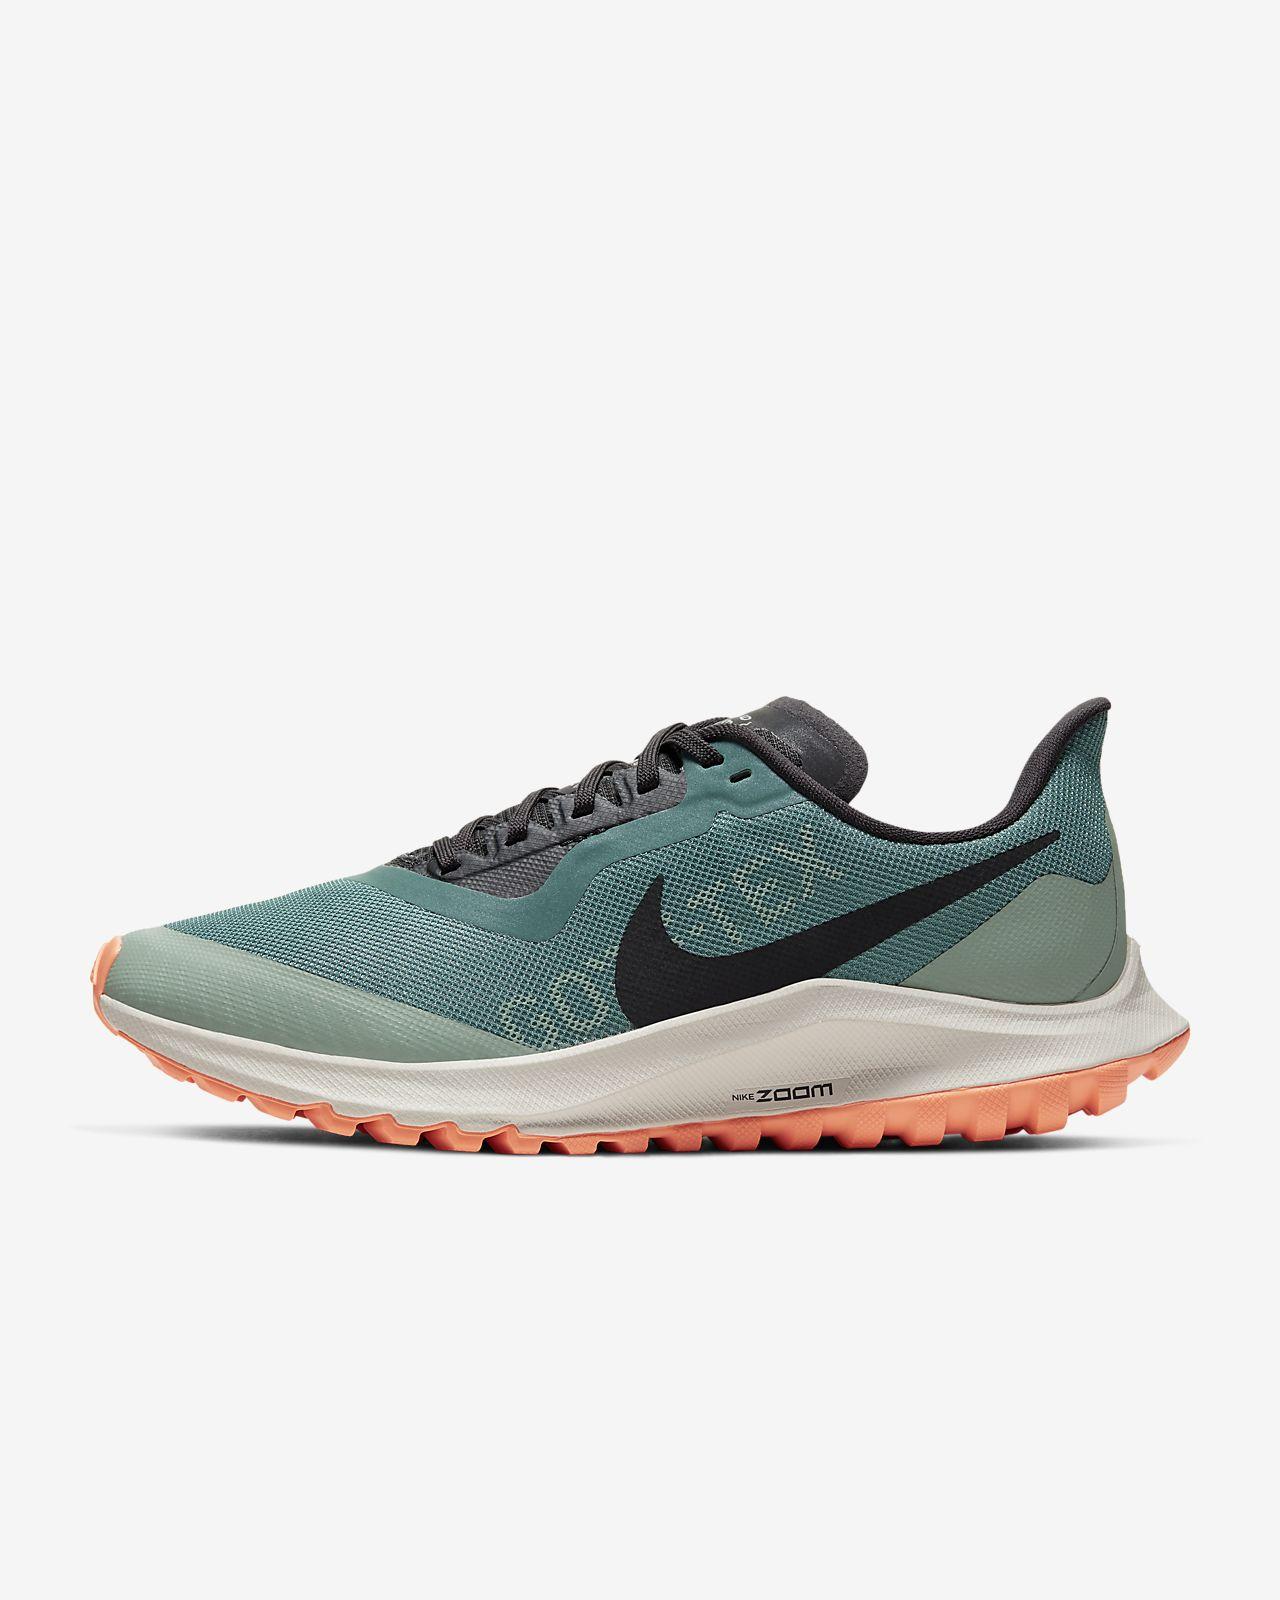 Chaussure de running sur sentier Nike Zoom Pegasus 36 Trail GORE-TEX pour Femme